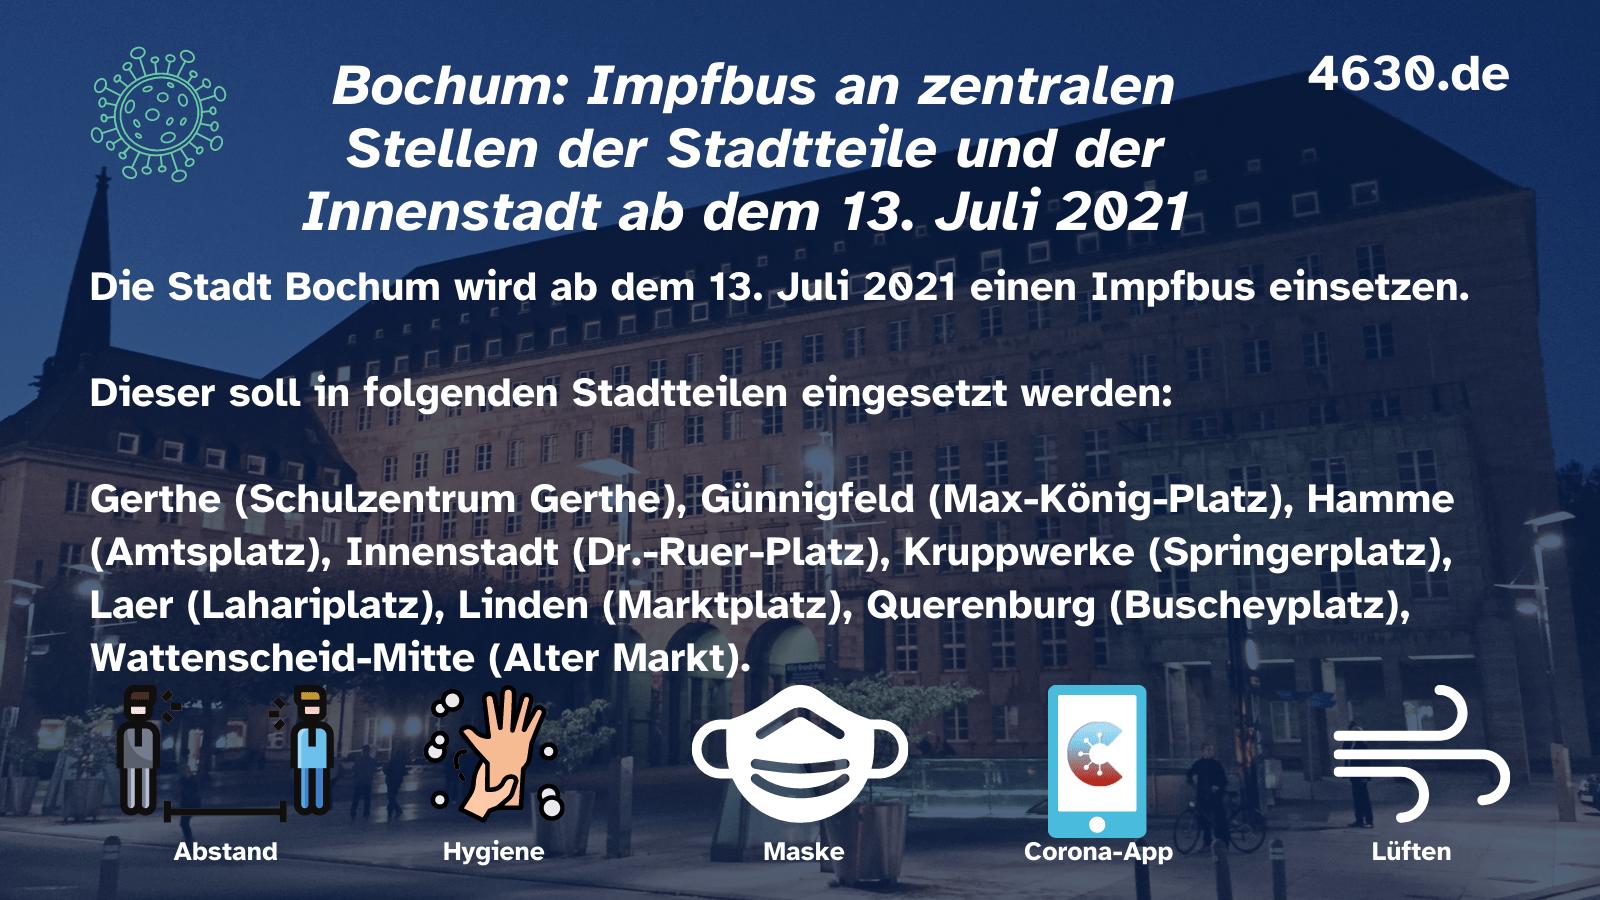 Bochum: Impfbus an zentralen Stellen der Stadtteile und der Innenstadt ab dem 13. Juli 2021